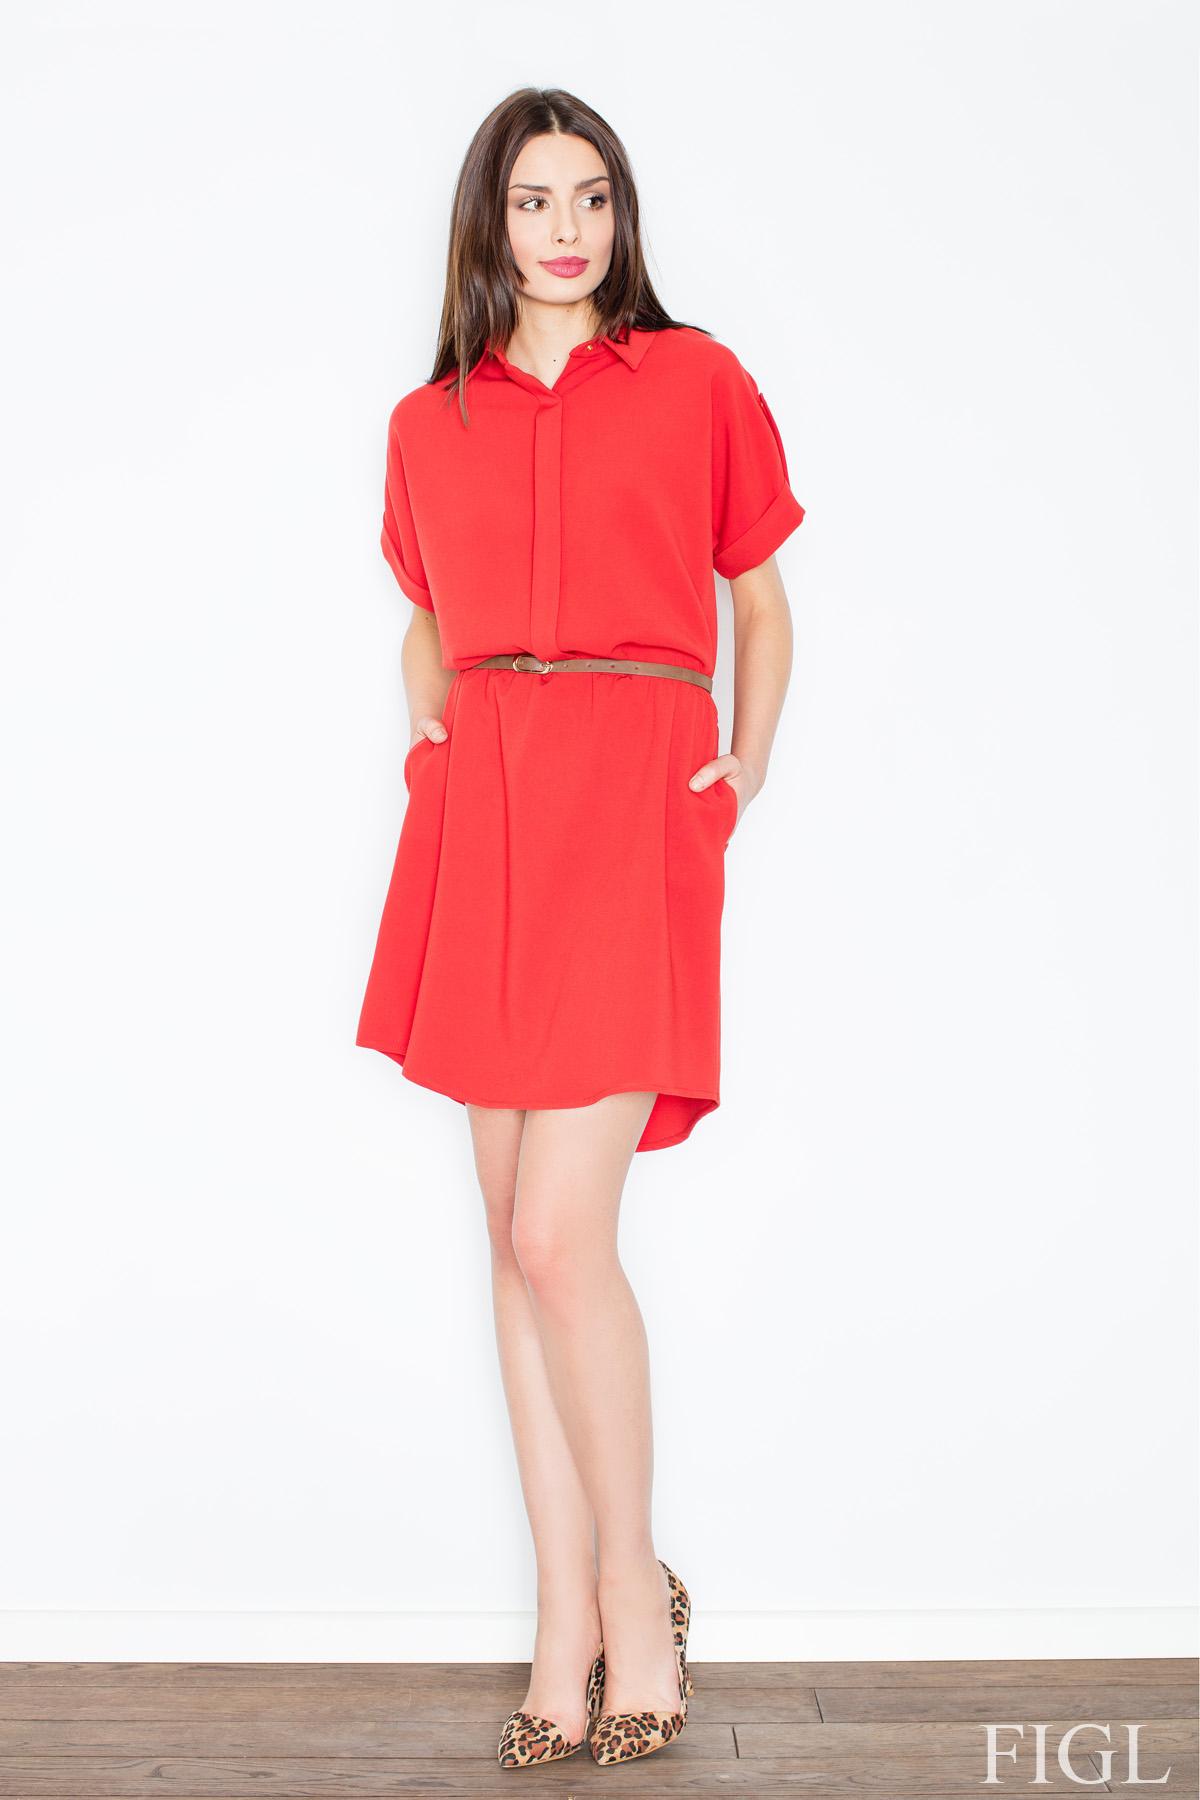 5008b54334ec FIGL Dámske červené šaty s krátkym rukávom M442 - Glami.sk